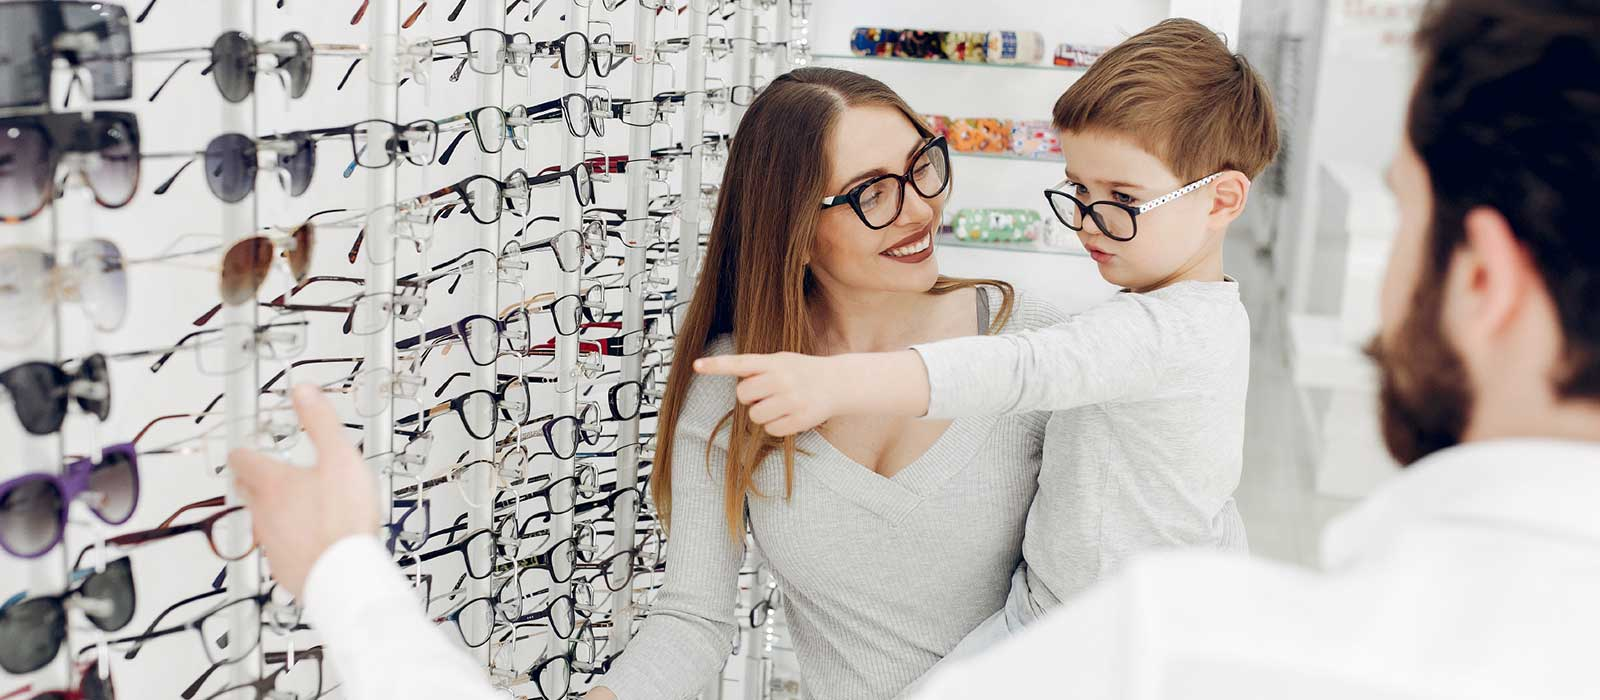 Akcija: korekcijska očala 1+1 gratis. Več na: optika Zajec